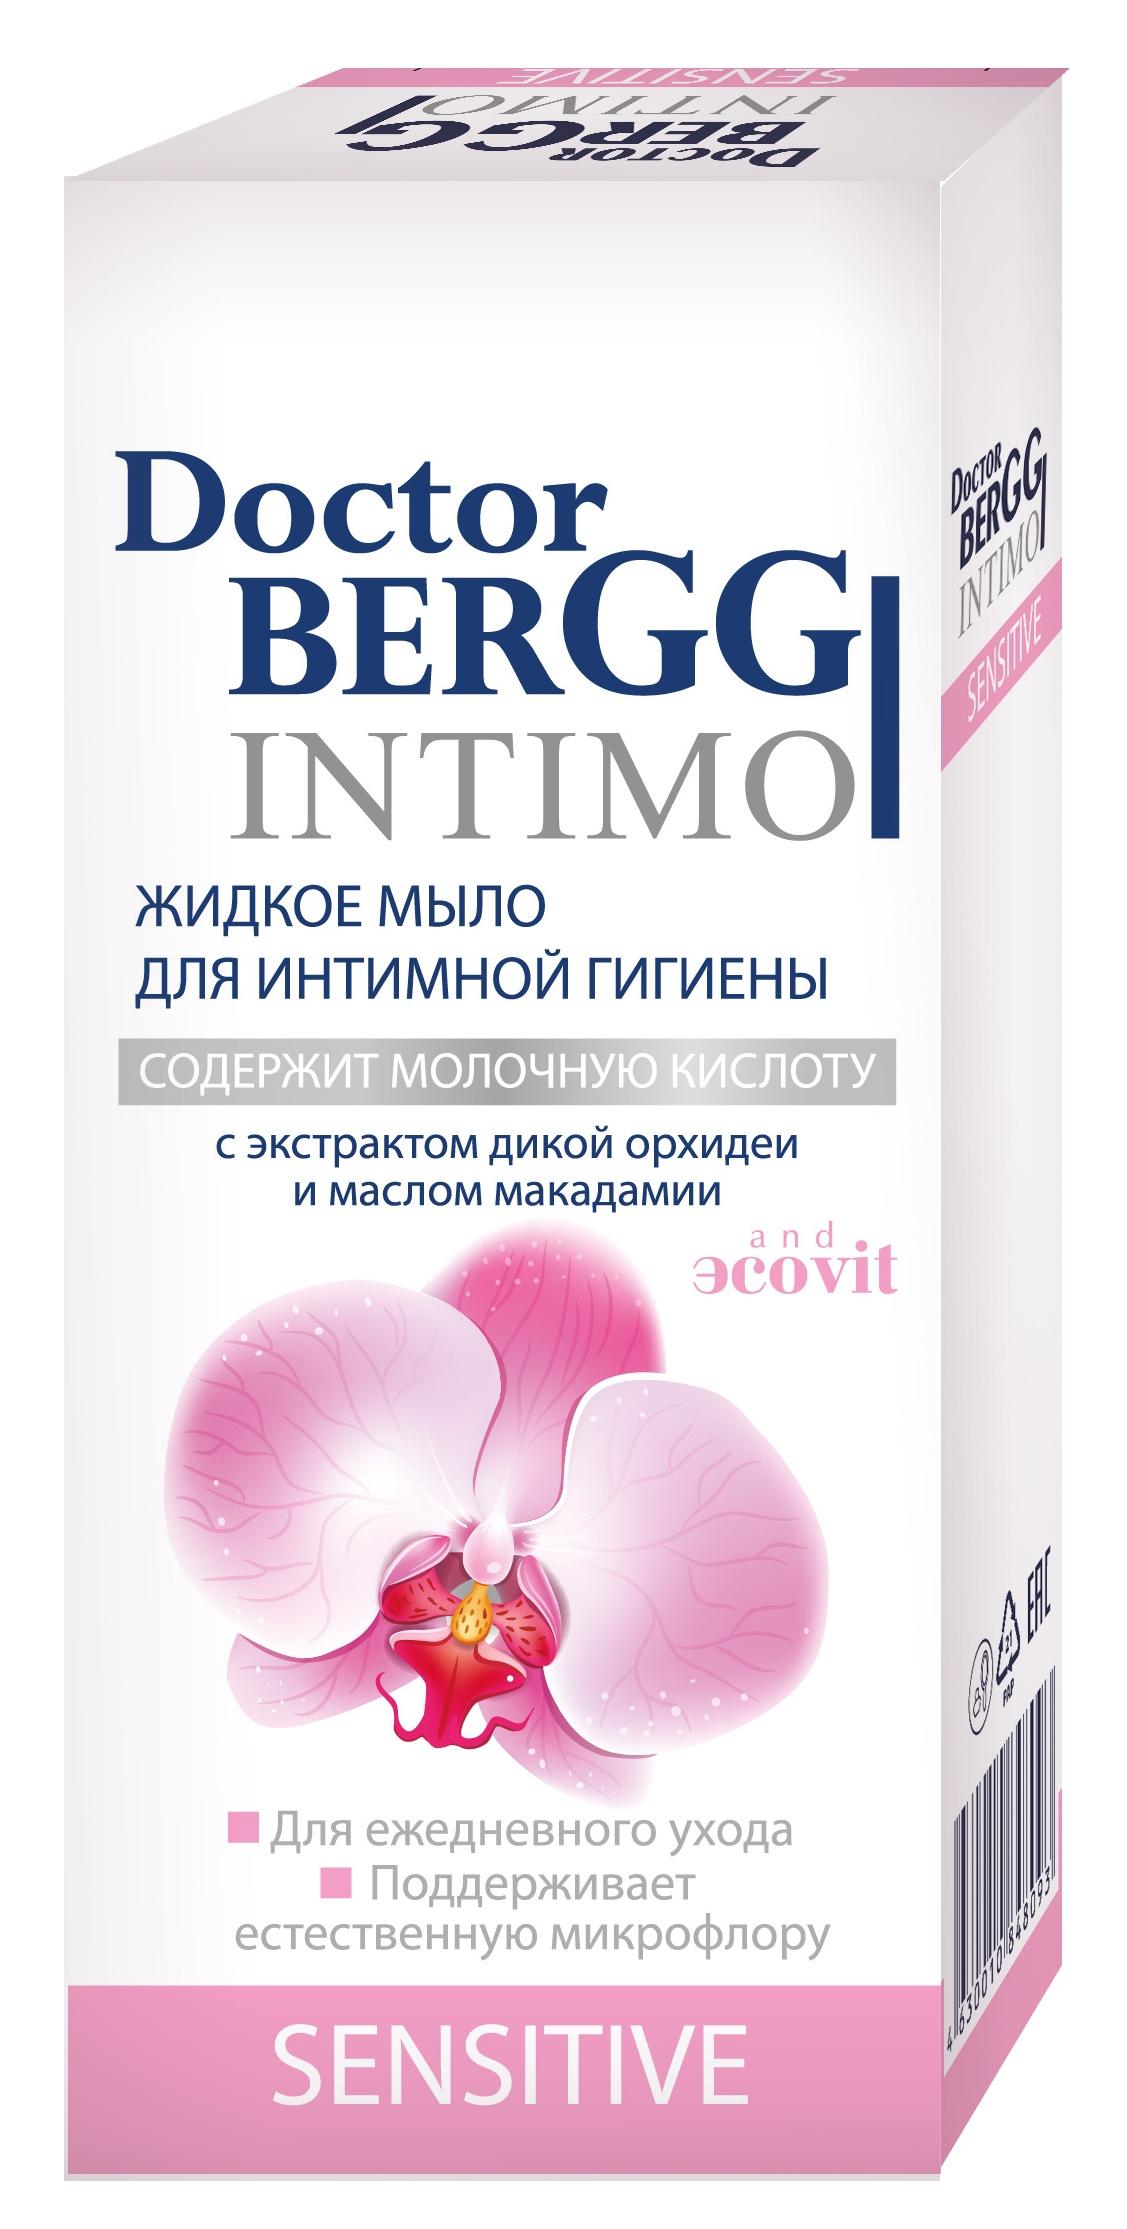 Жидкое мыло для интимной гигиены Doctor BERGGI INTIMO с экстрактом дикой орхидеи и маслом макадамии 250 мл evo жидкое мыло для интимной гигиены для чувствительной кожи 200 мл